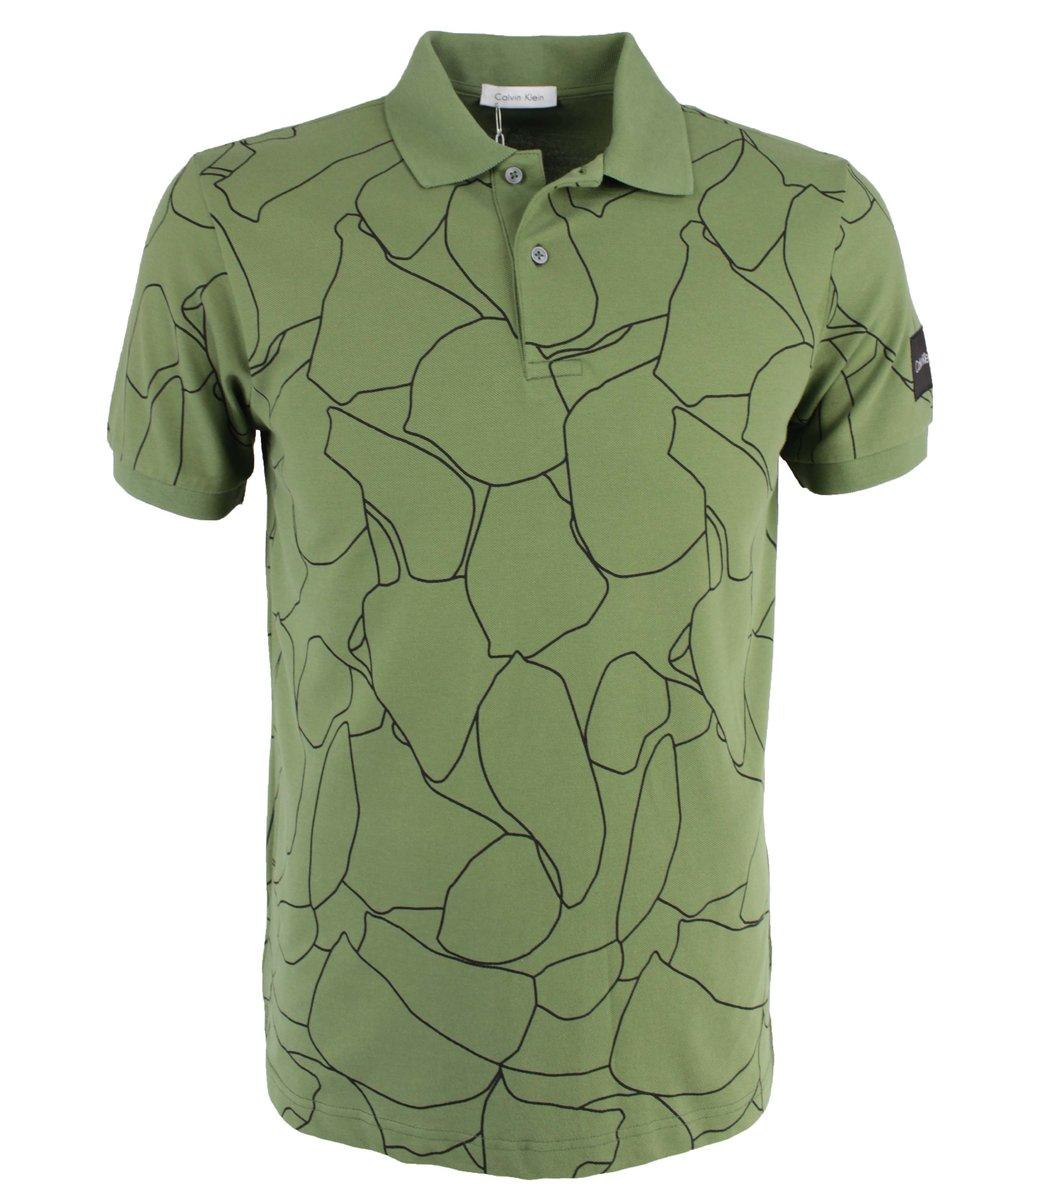 Хаки футболка поло Calvin Klein MCK2